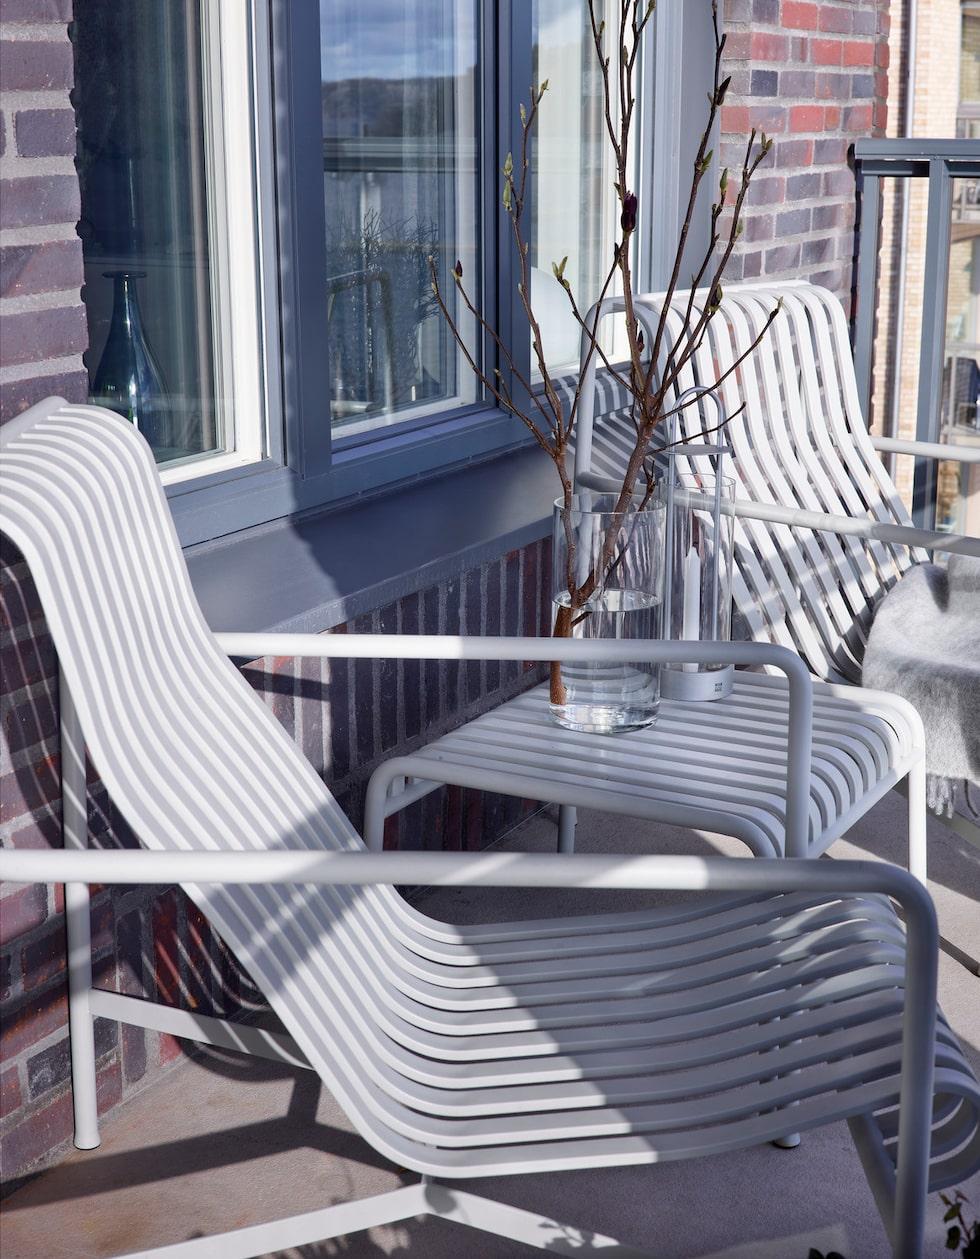 Fåtöljer Pallisade Lounge Chair och Palissade Ottoman, design Ronan & Erwan Bouroullec, Hay.